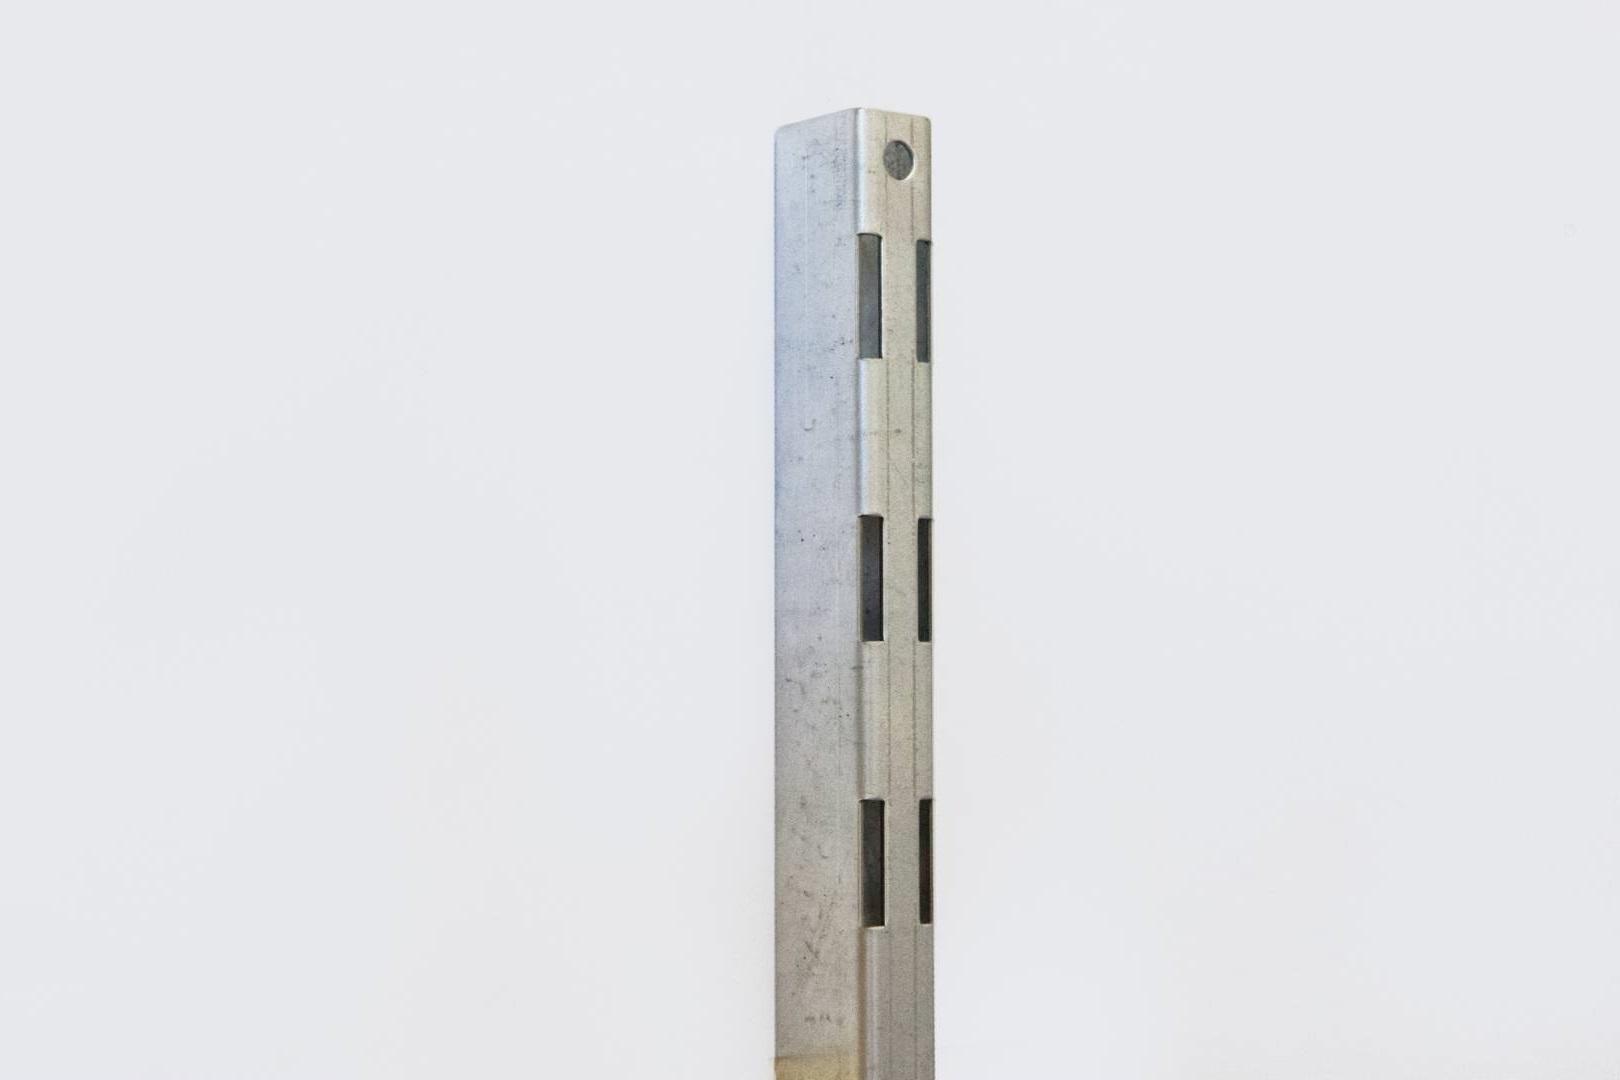 Вертикальная направляющая системы Алюстил